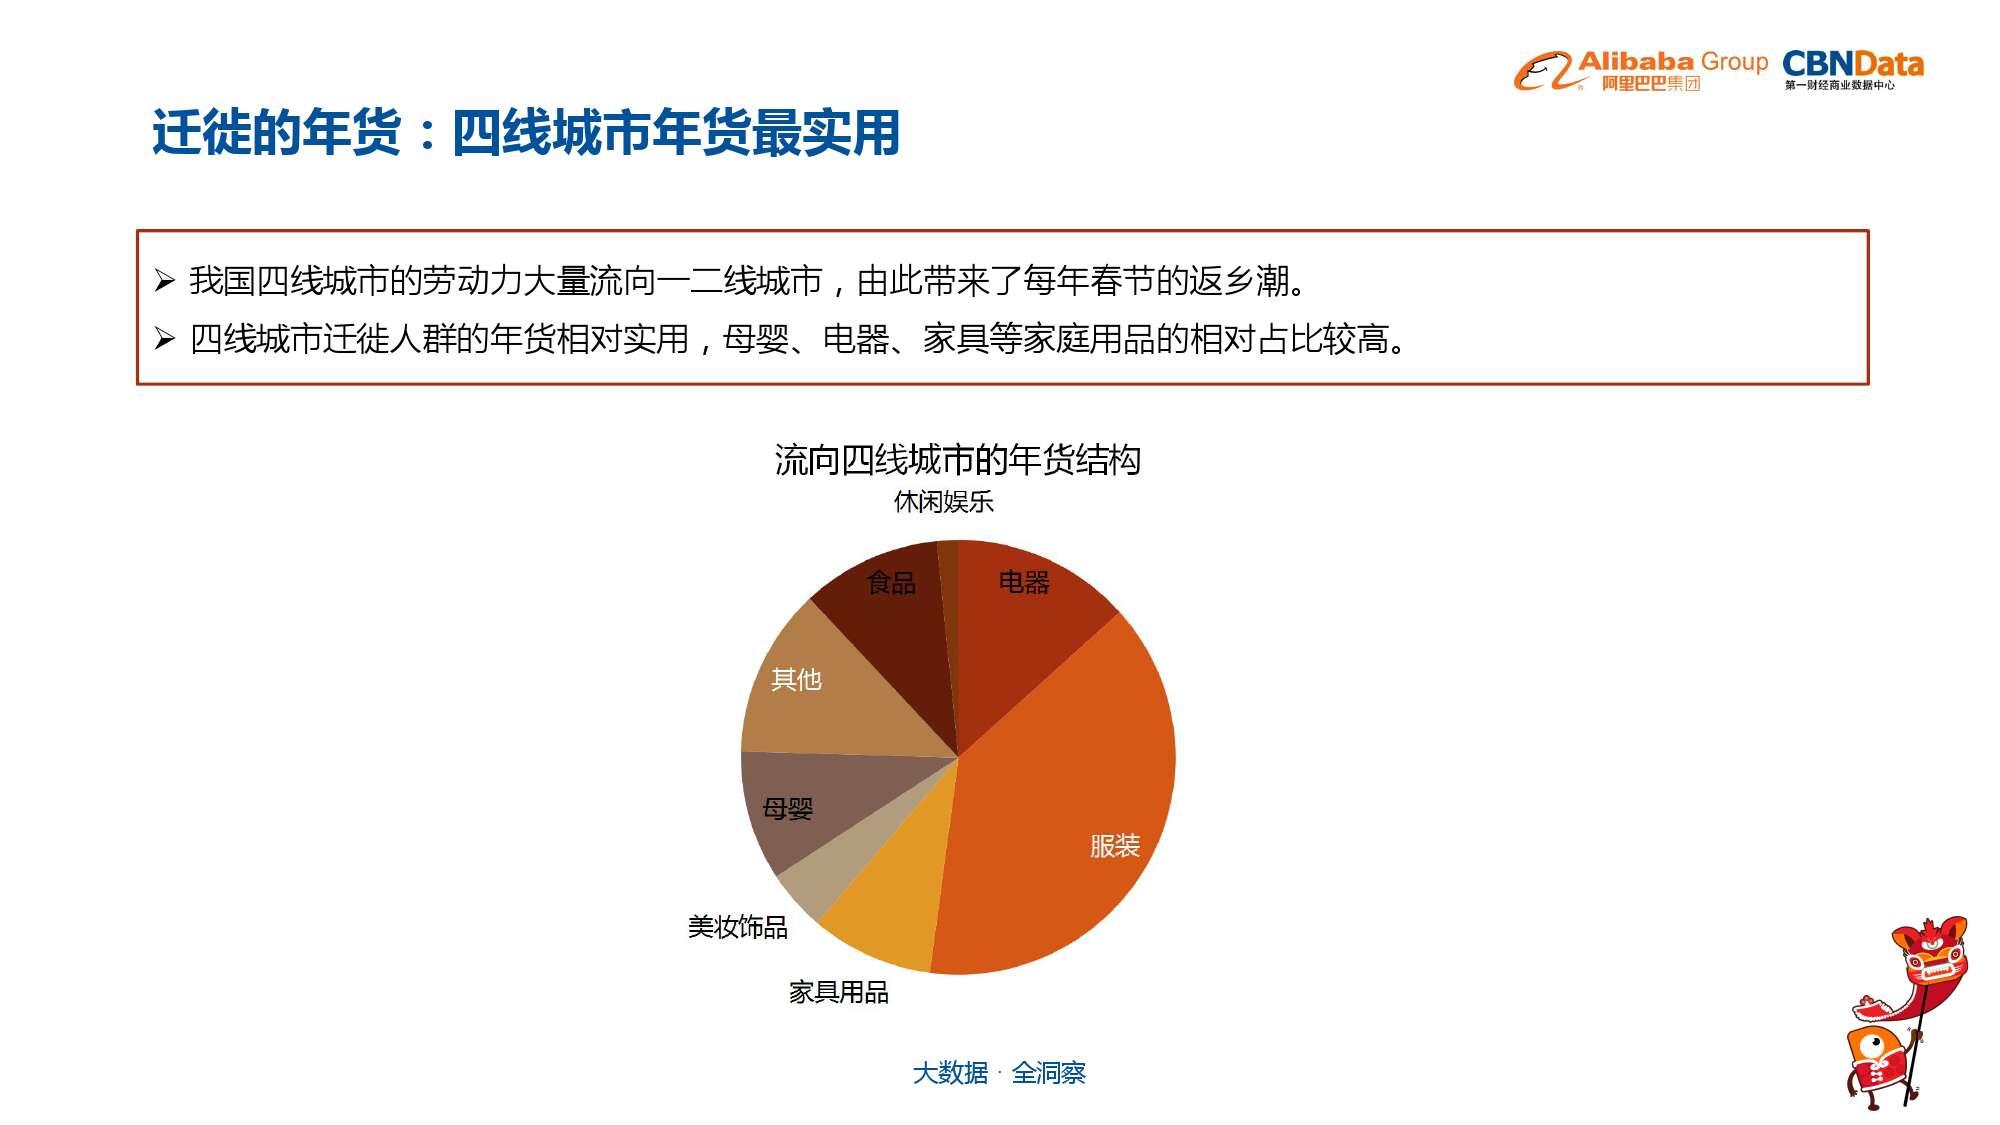 中国年货大数据报告_000034